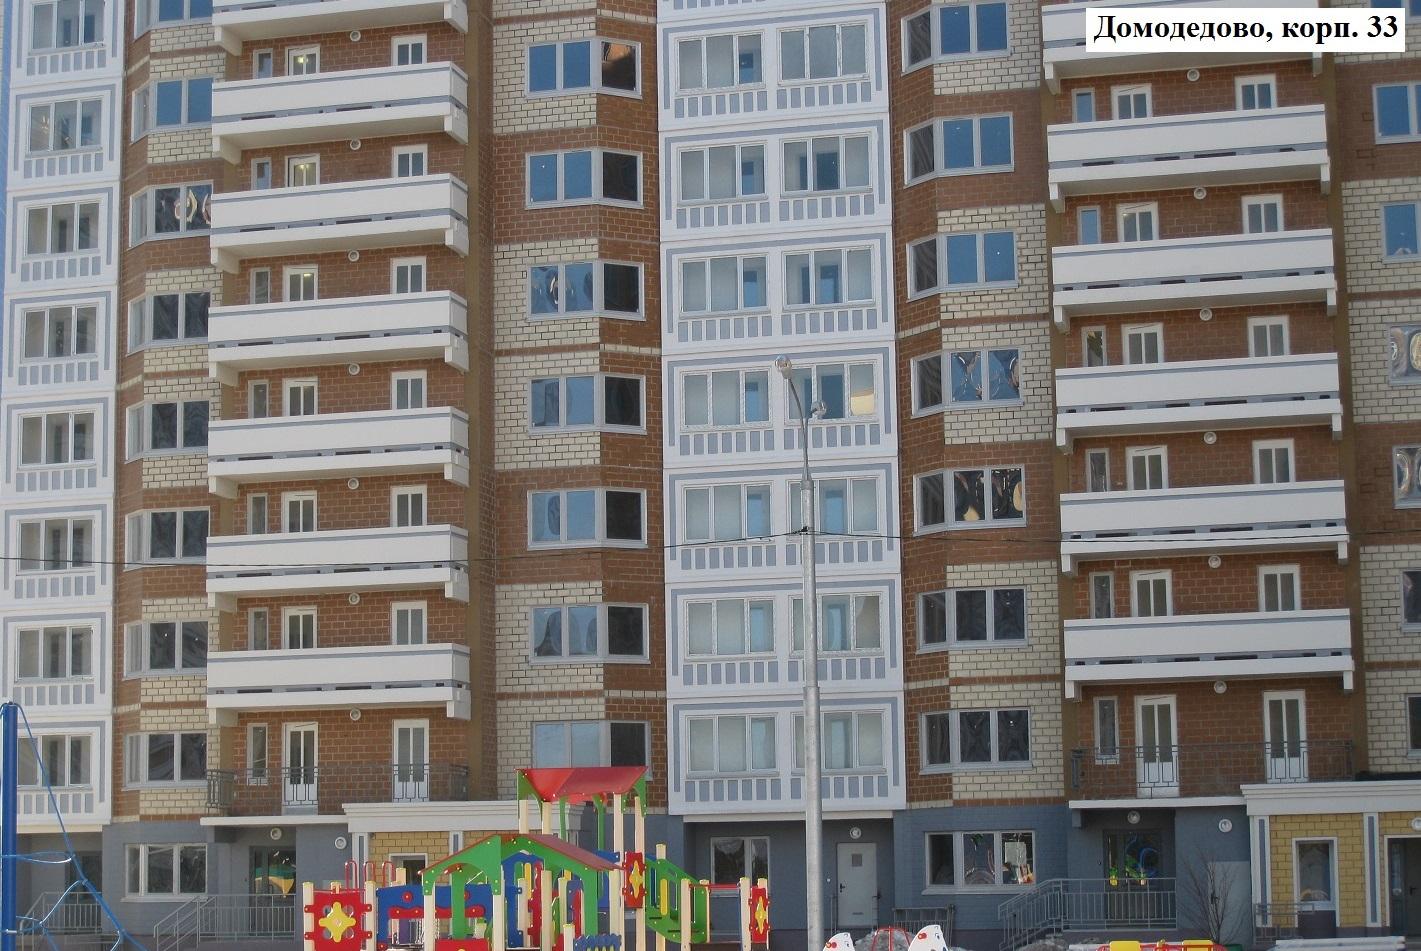 Продажа квартиры ЖК  Южное Домодедово. Лот 166772